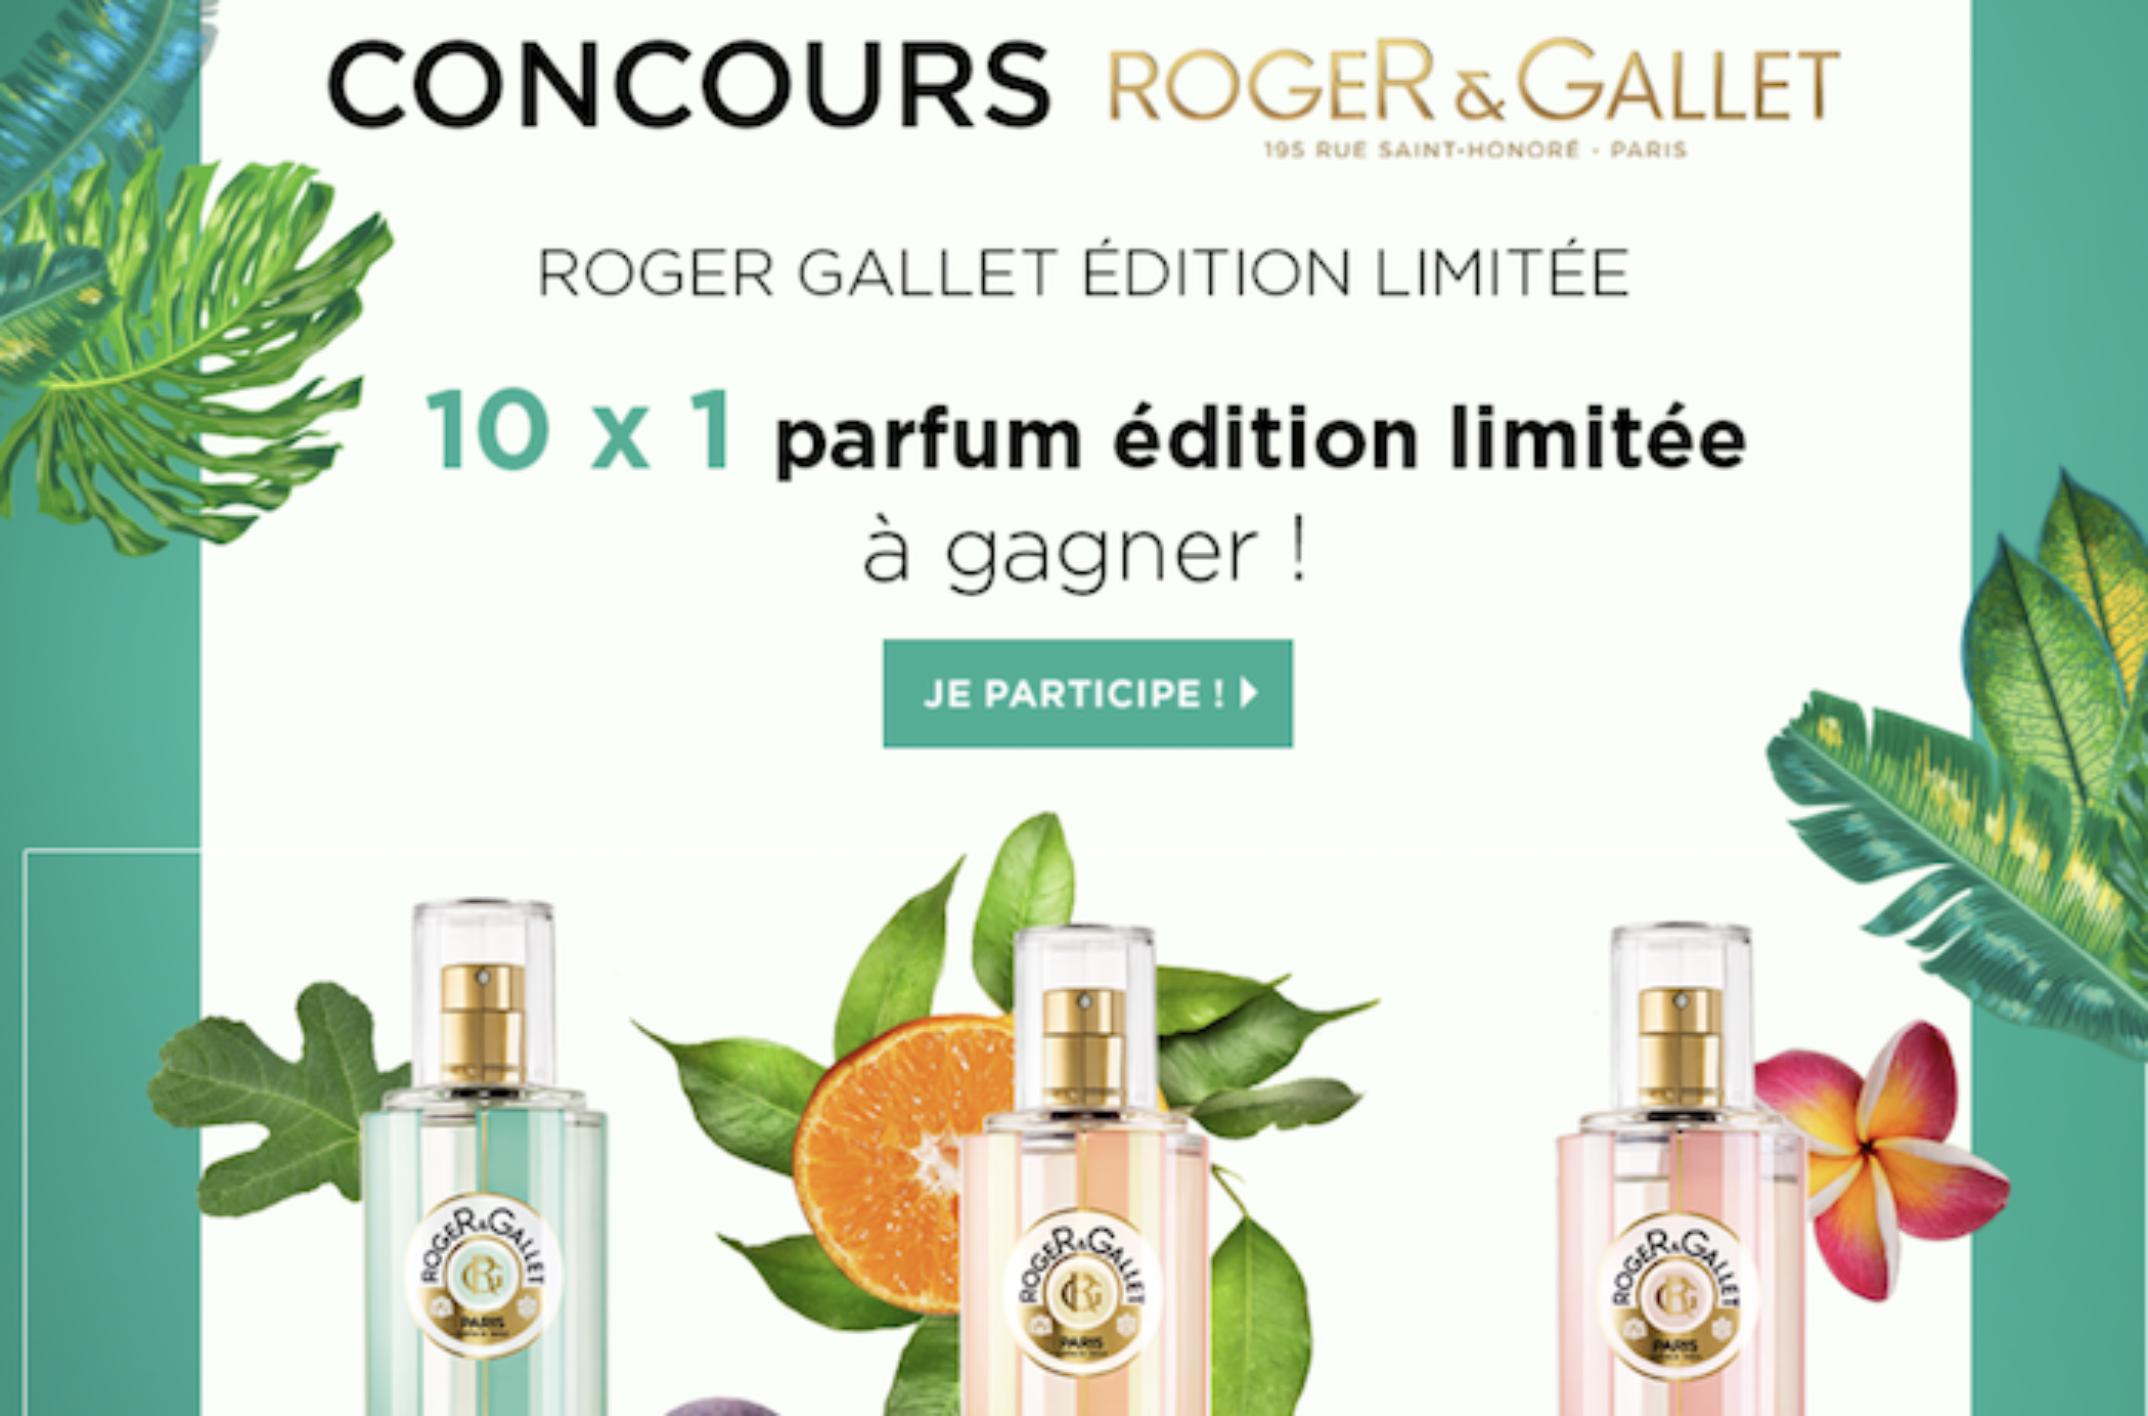 Concours Roger Gallet : des eaux de toilettes Roger Gallet à gagner